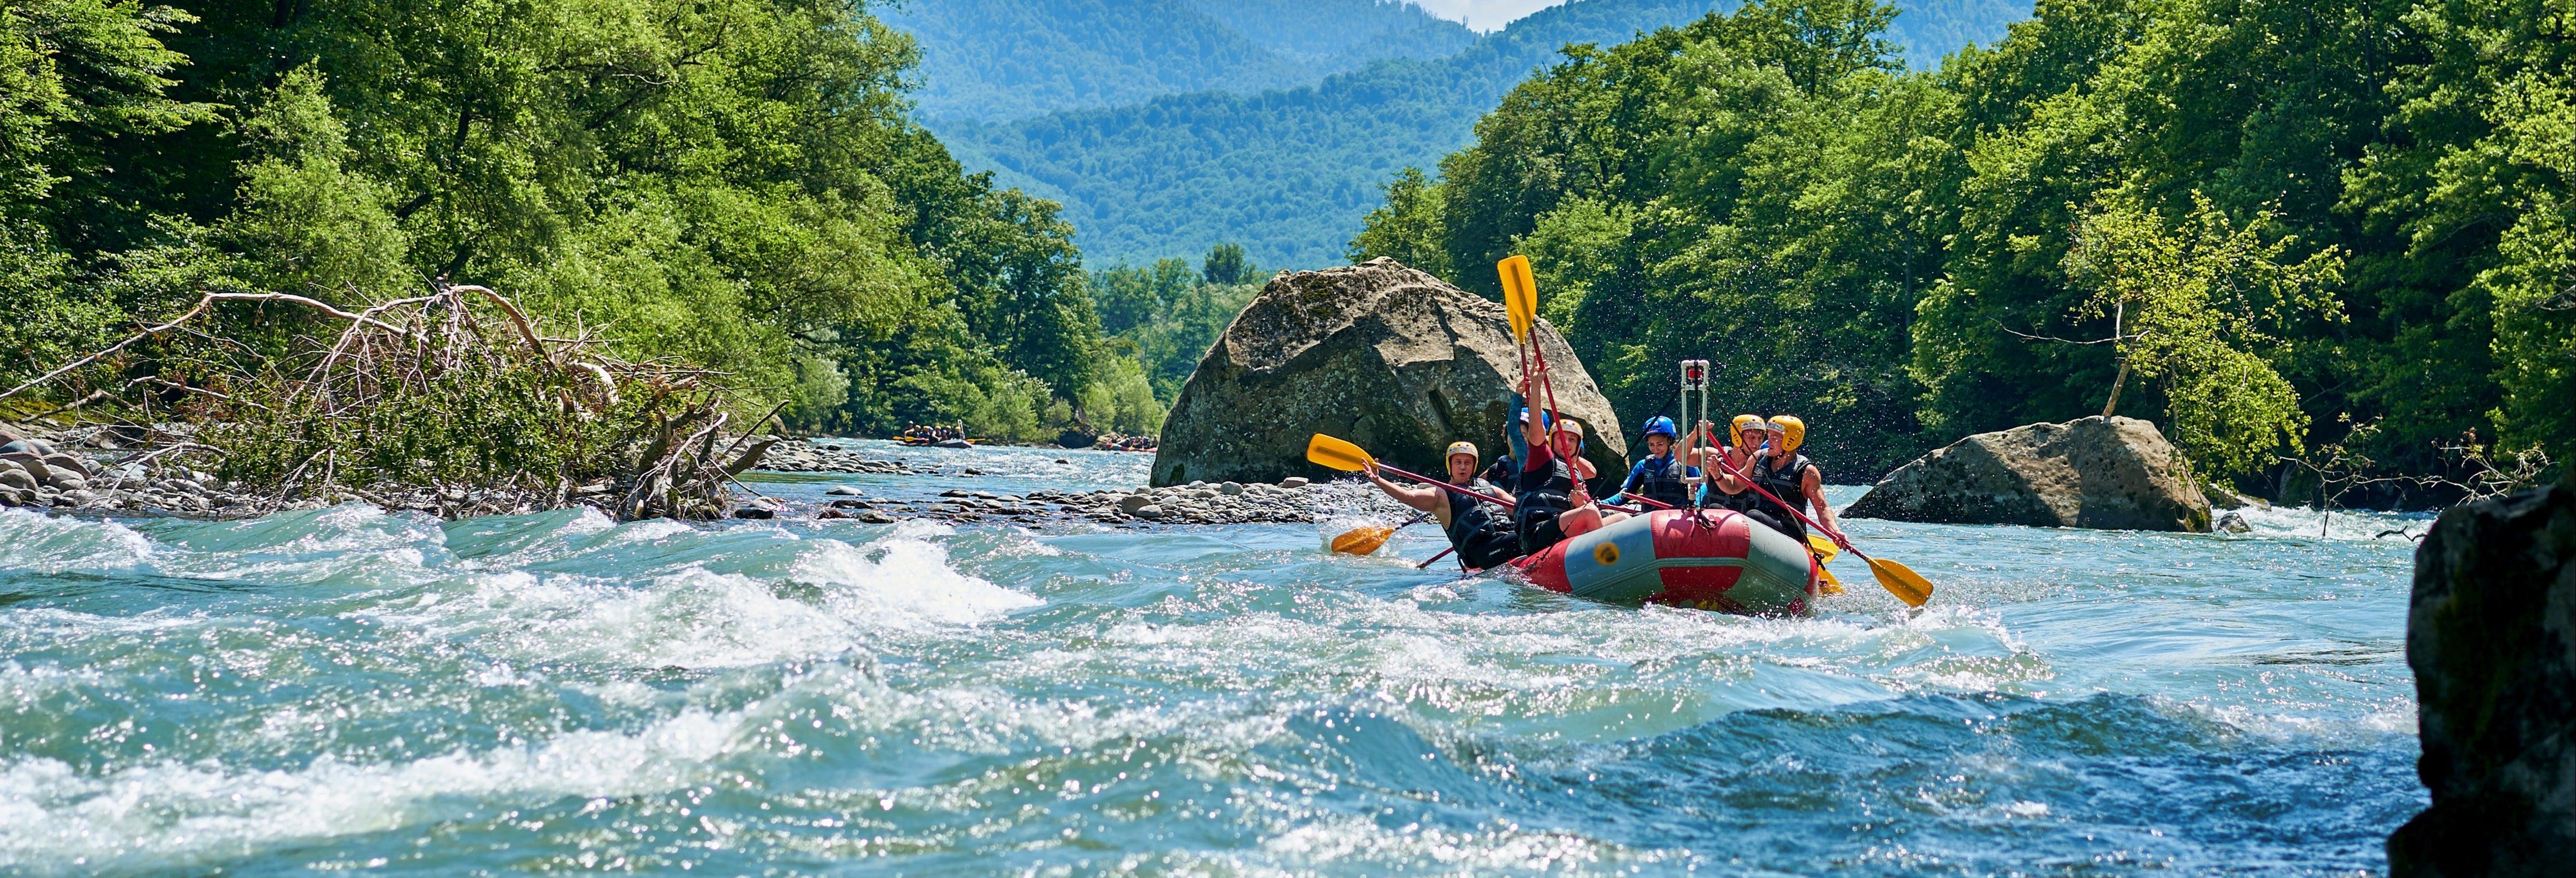 Rafting en el río Trancura